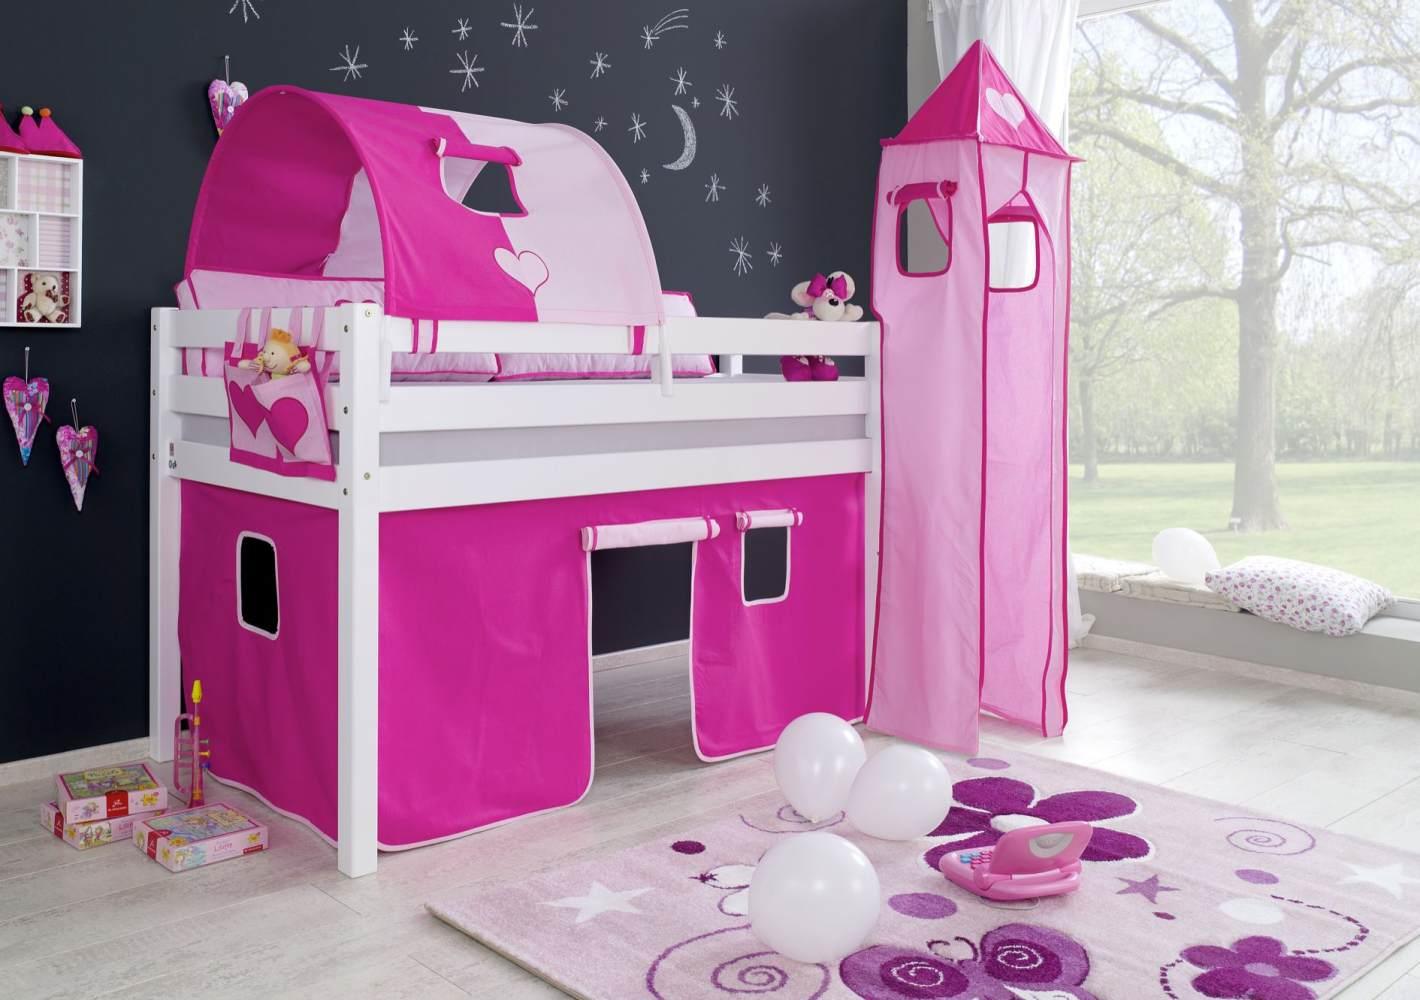 Relita Halbhohes Spielbett ALEX Buche massiv weiß lackiert mit Stoffset Vorhang, 1-er Tunnel, Turm, Tasche Bild 1